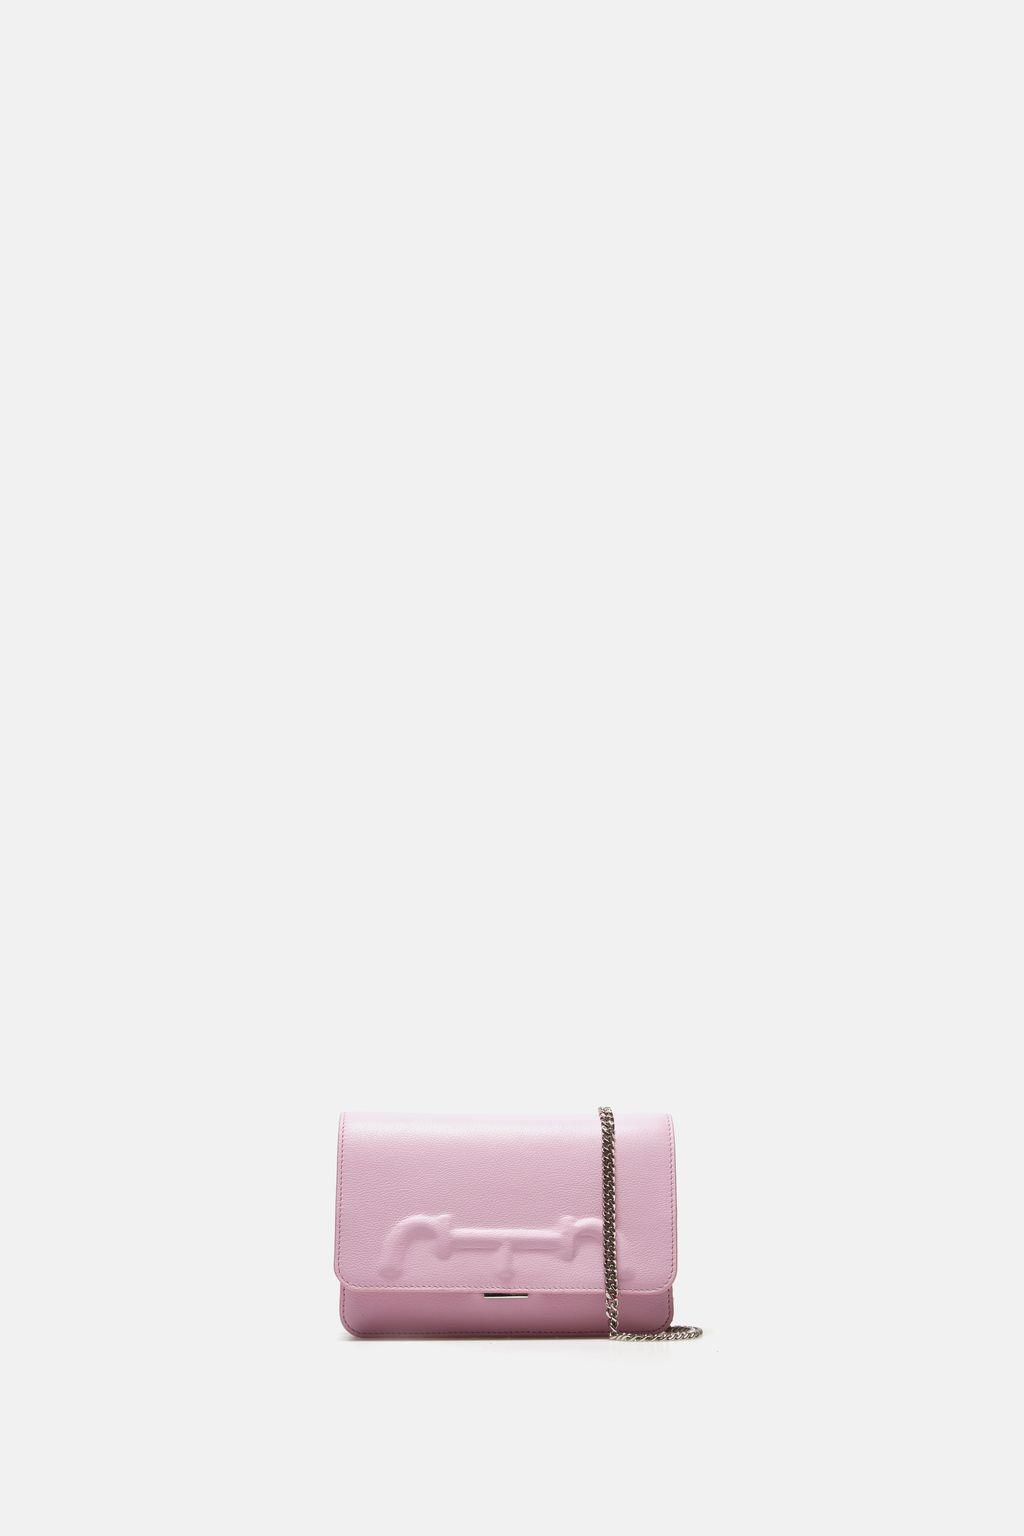 Victoria Insignia Mini Crossbody | Small cross body bag